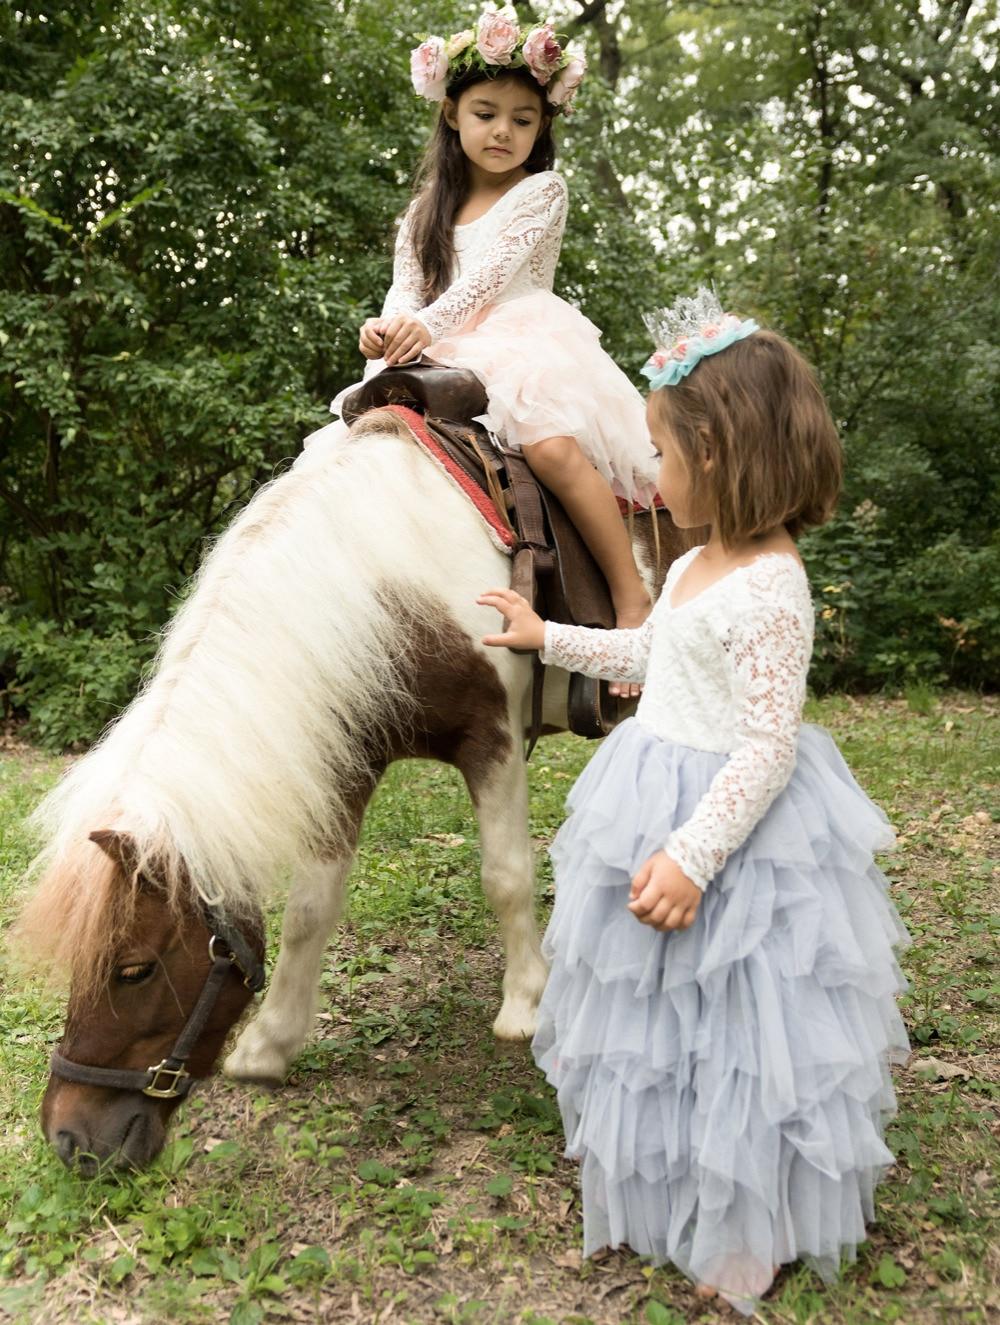 Flower Girl Dress 2018 For Wedding Princess Toddler Girl Dresses for A-Line First Communion Dresses Lace Kids Dresses for Girls цена